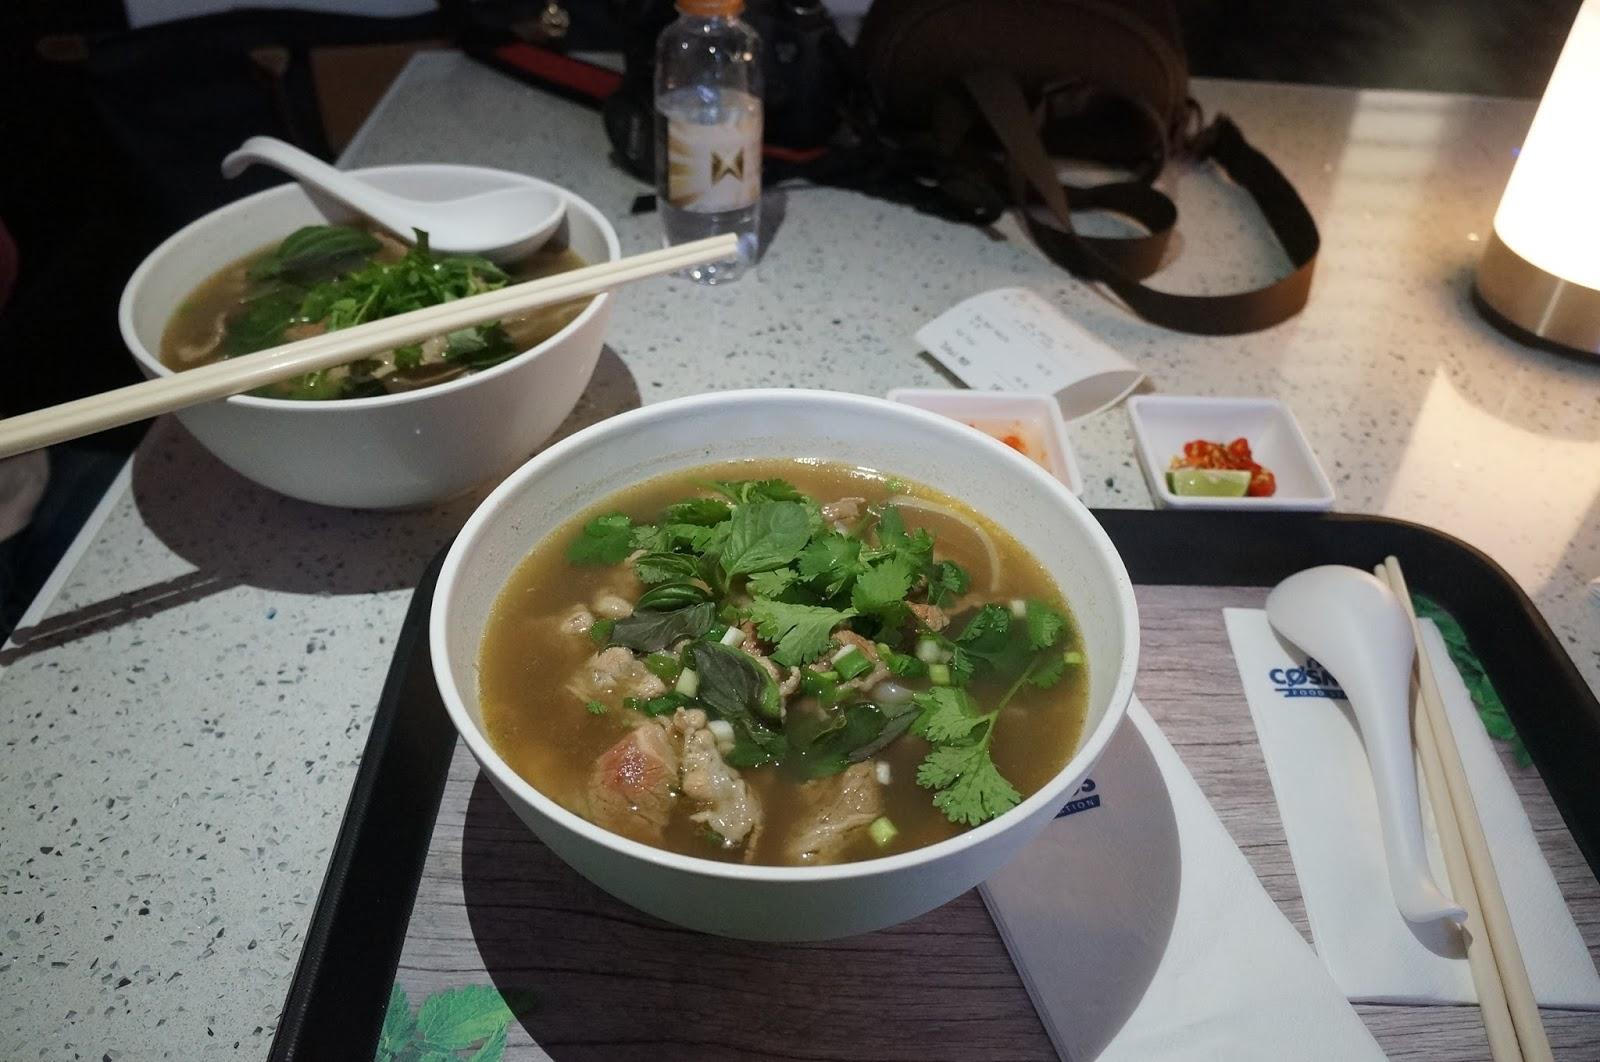 澳門新濠影滙 Studio City - Food Court 飲食篇 (三) @RunHotel